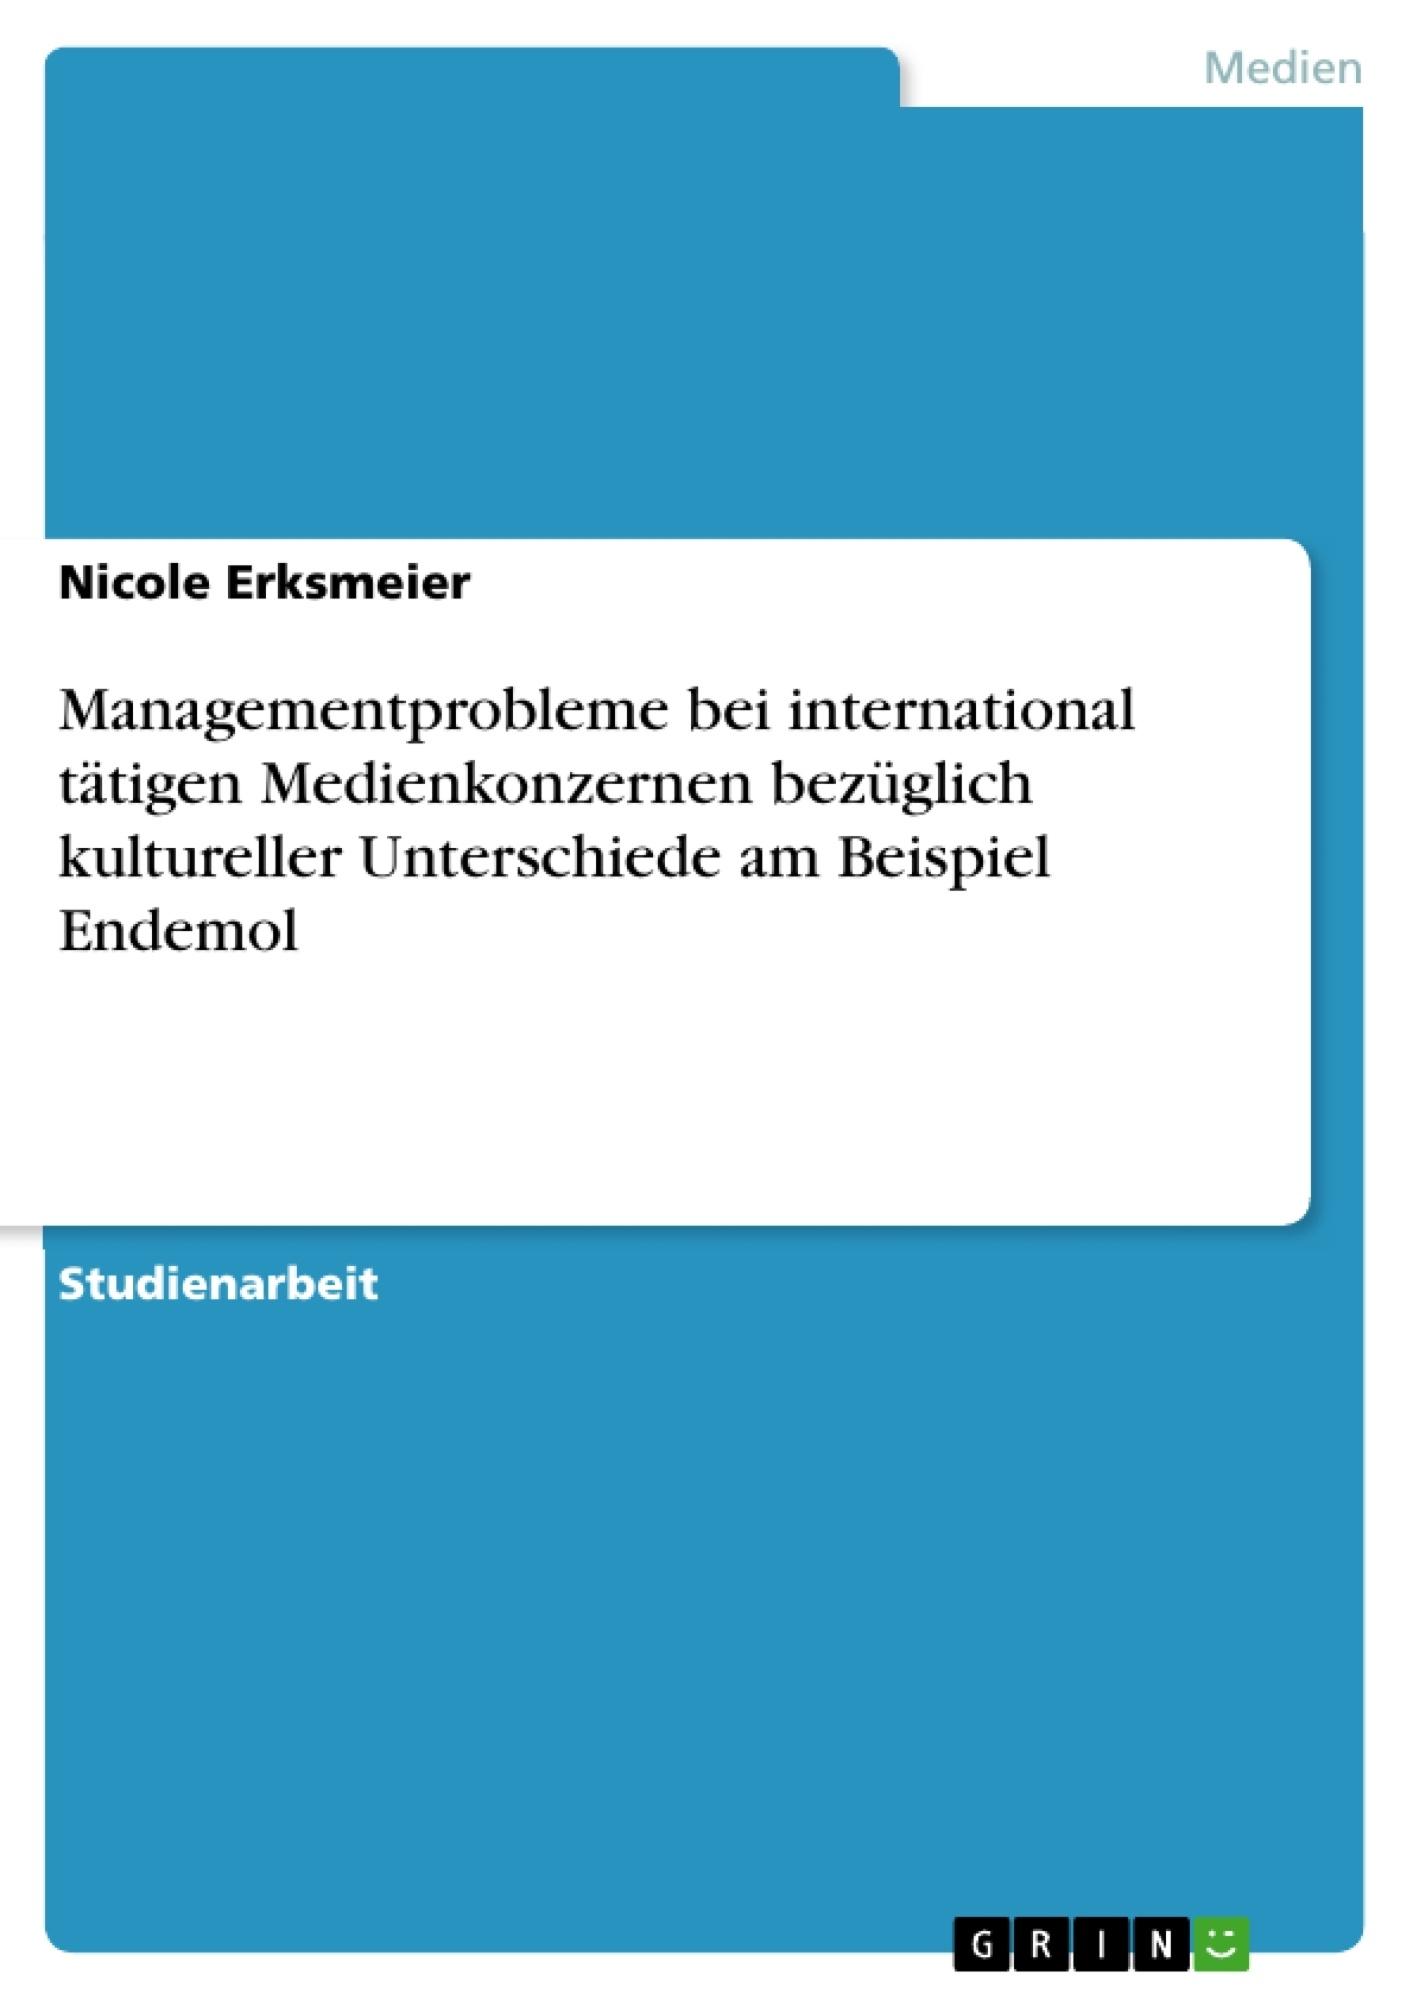 Titel: Managementprobleme bei international tätigen Medienkonzernen bezüglich kultureller Unterschiede am Beispiel Endemol